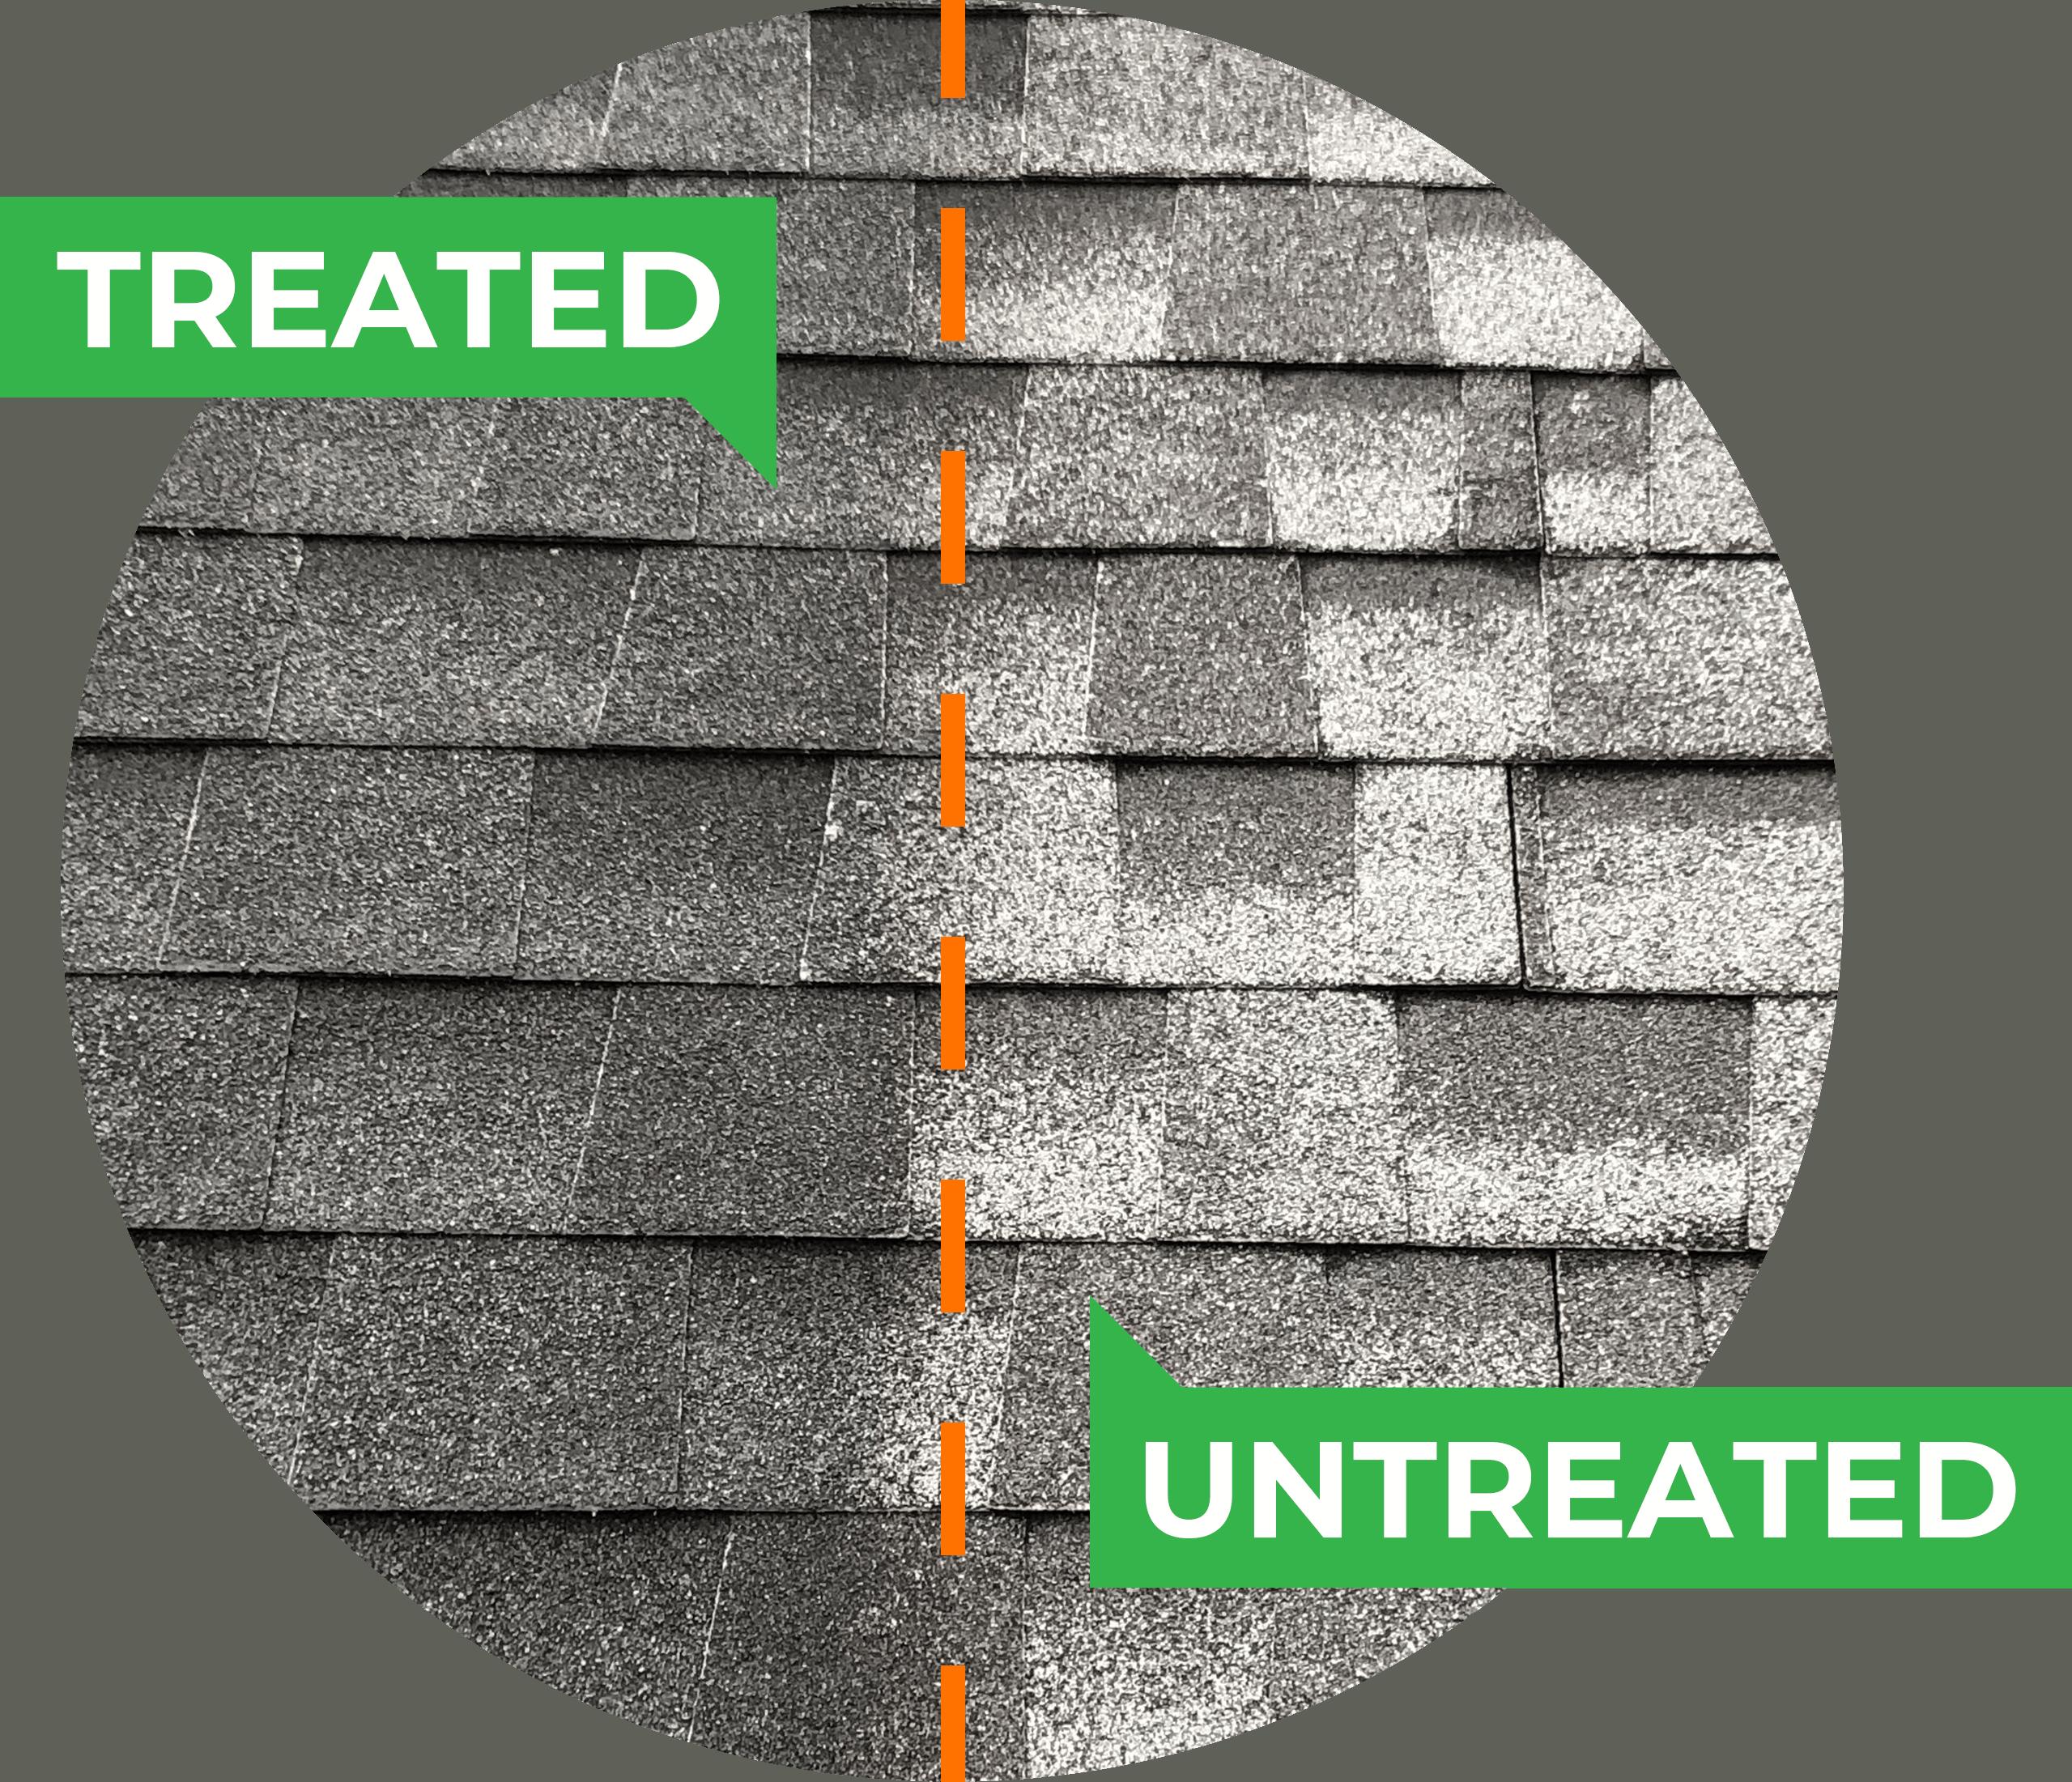 Treated vs. Untreated shingles